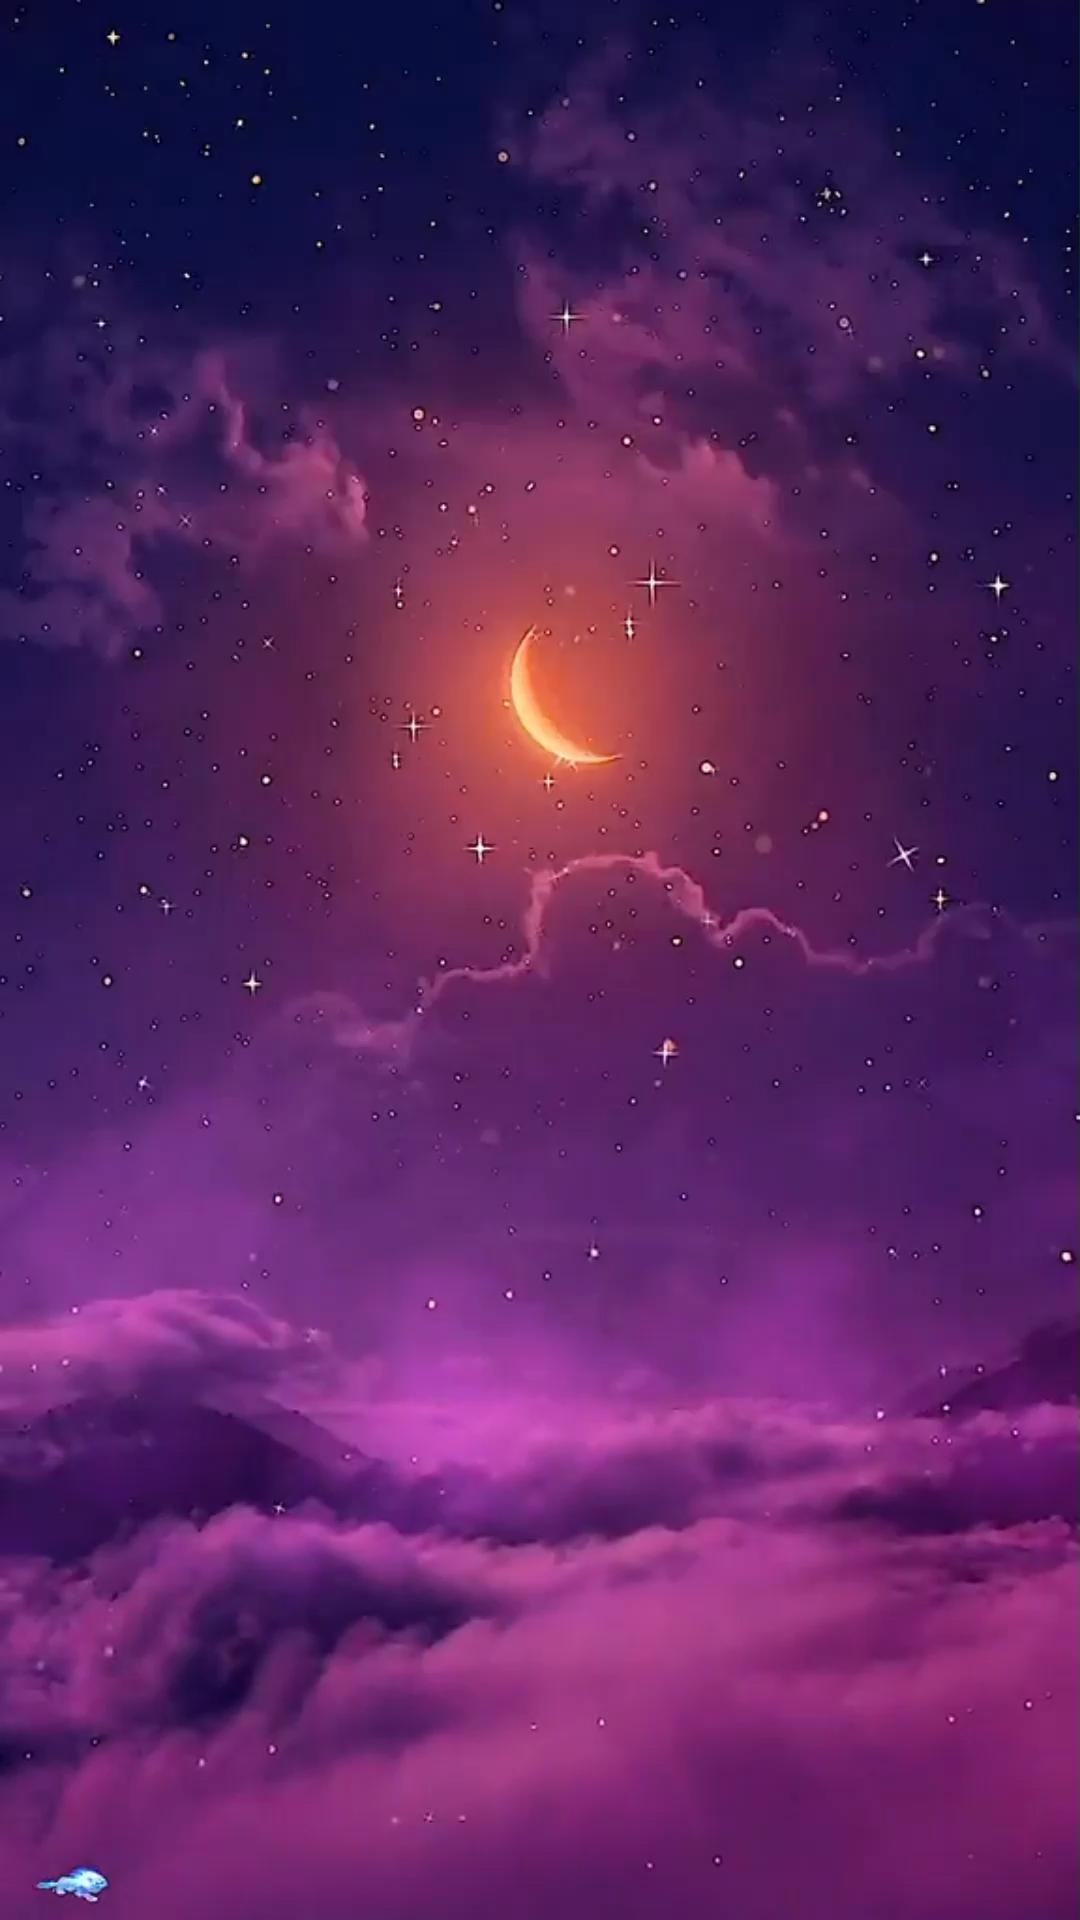 Hình nền động bầu trời đêm